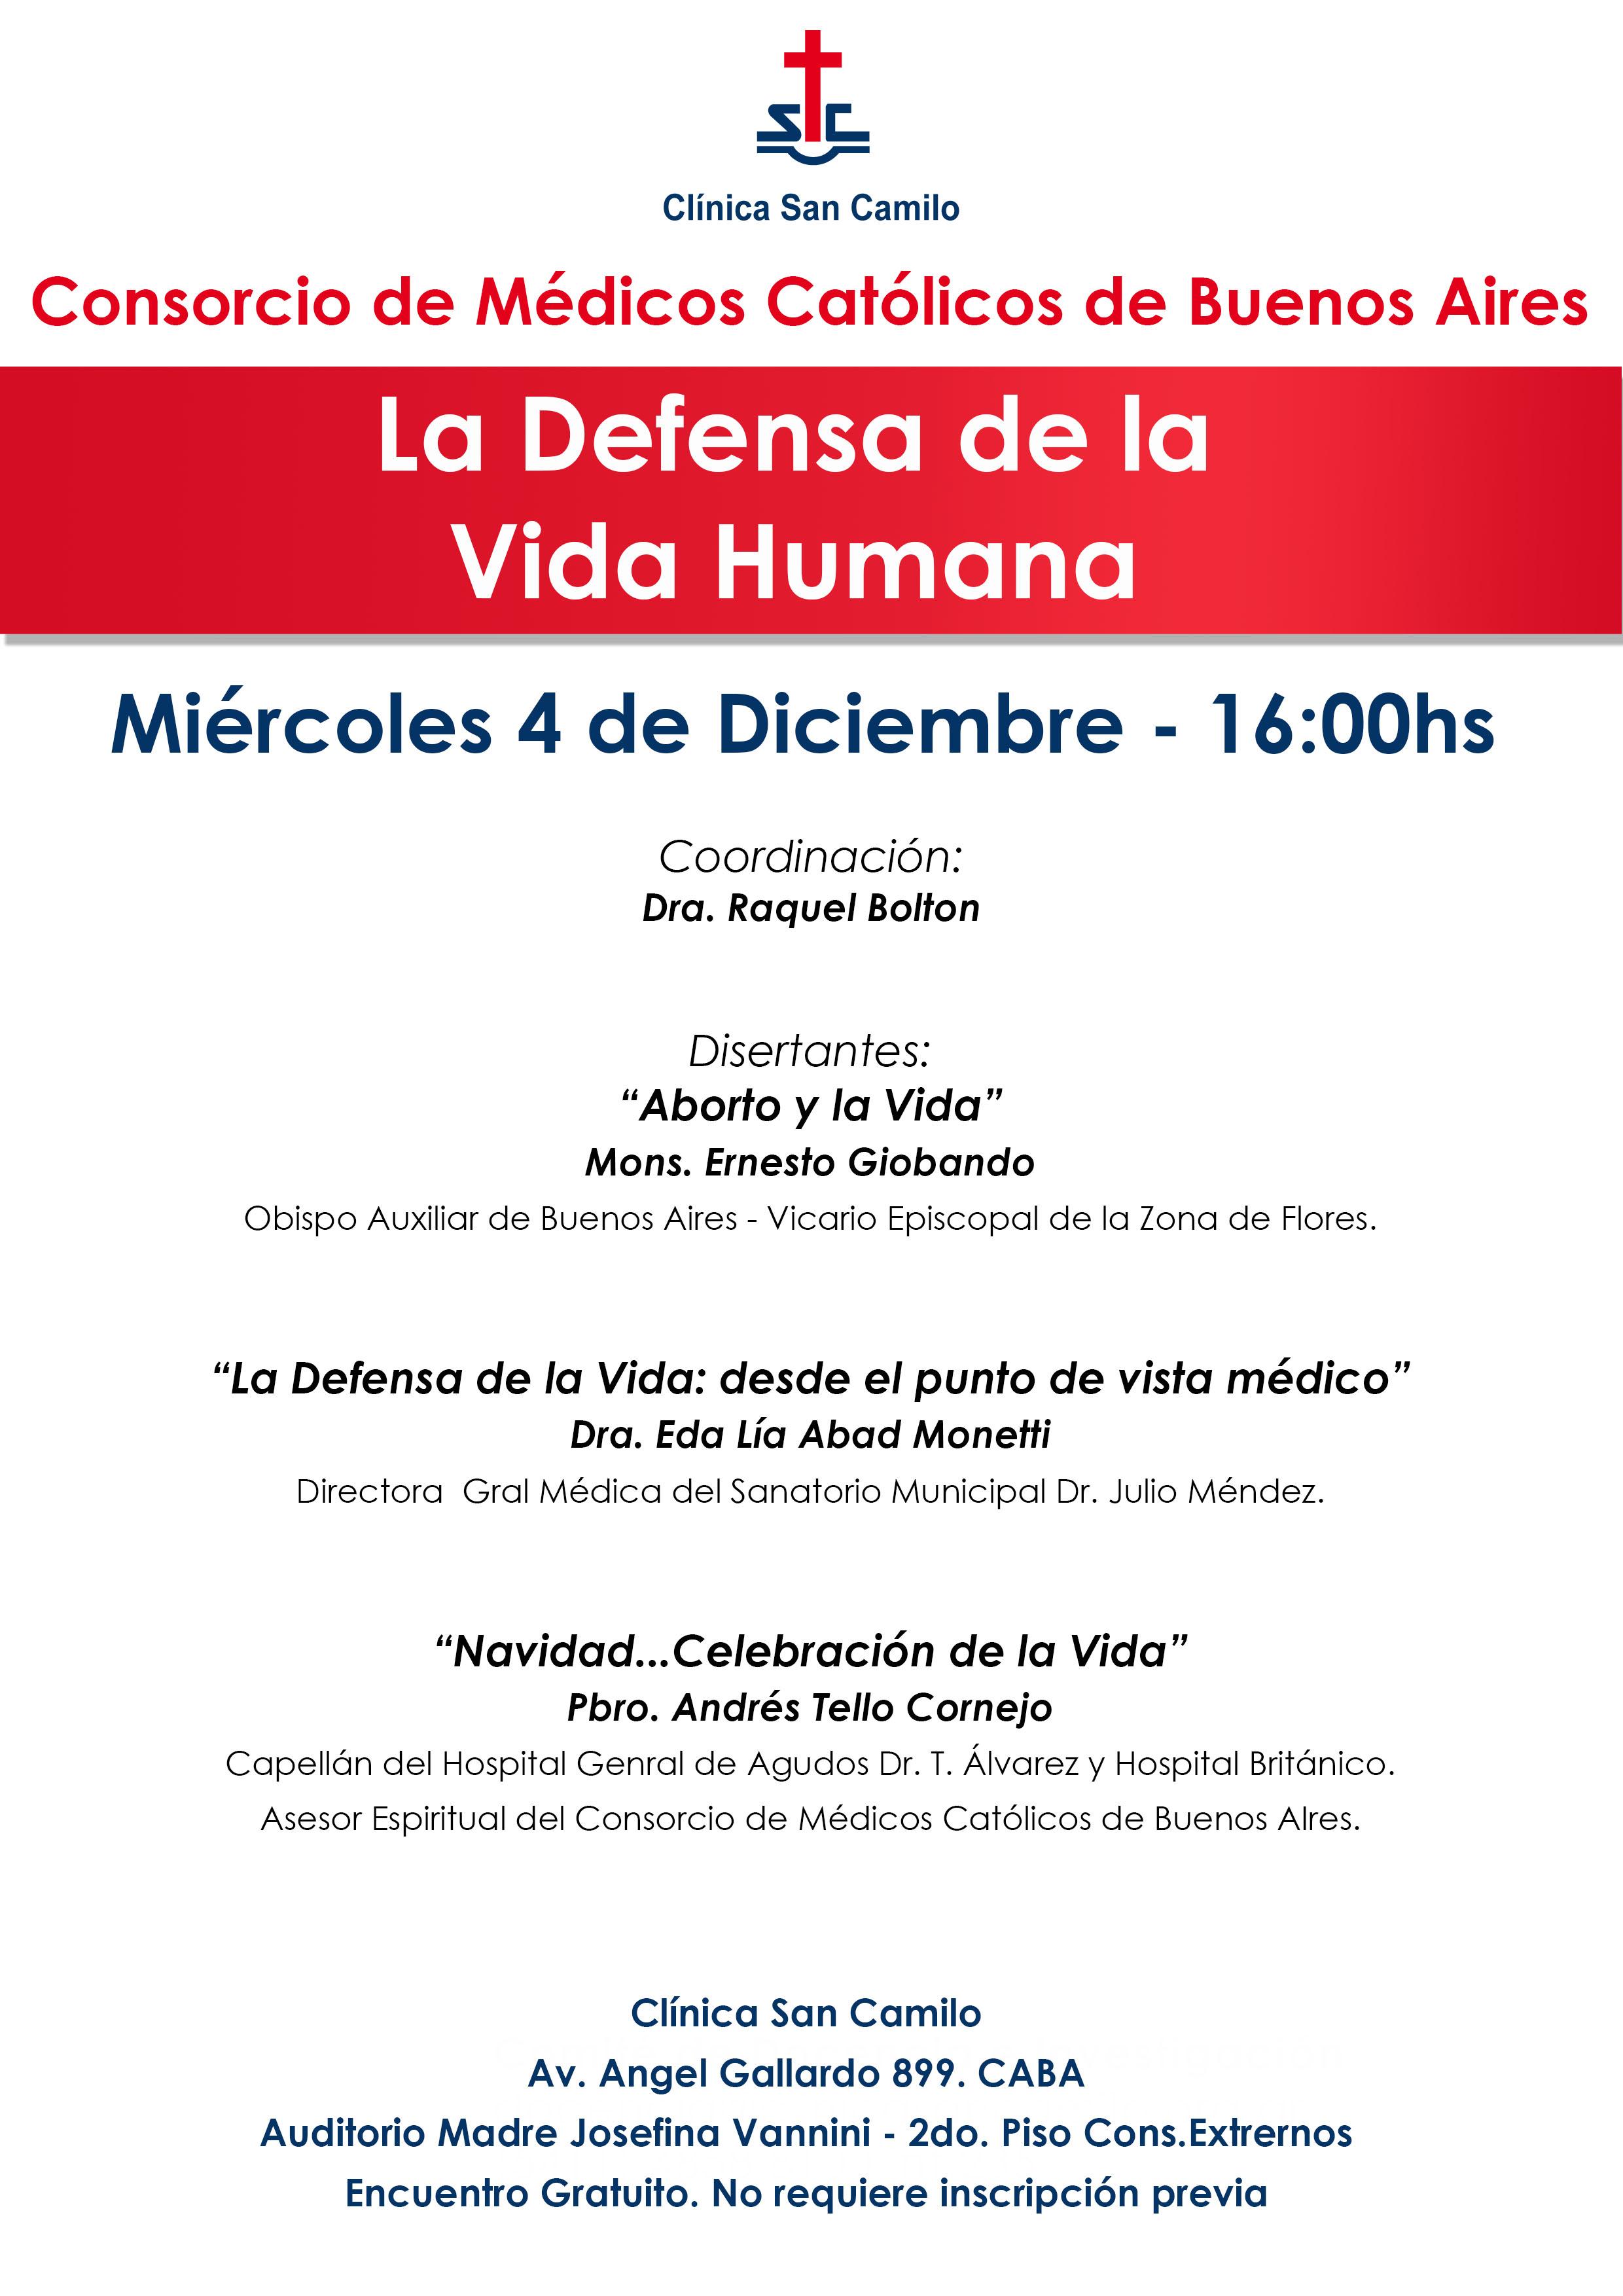 La Defensa de la Vida Humana en Argentina